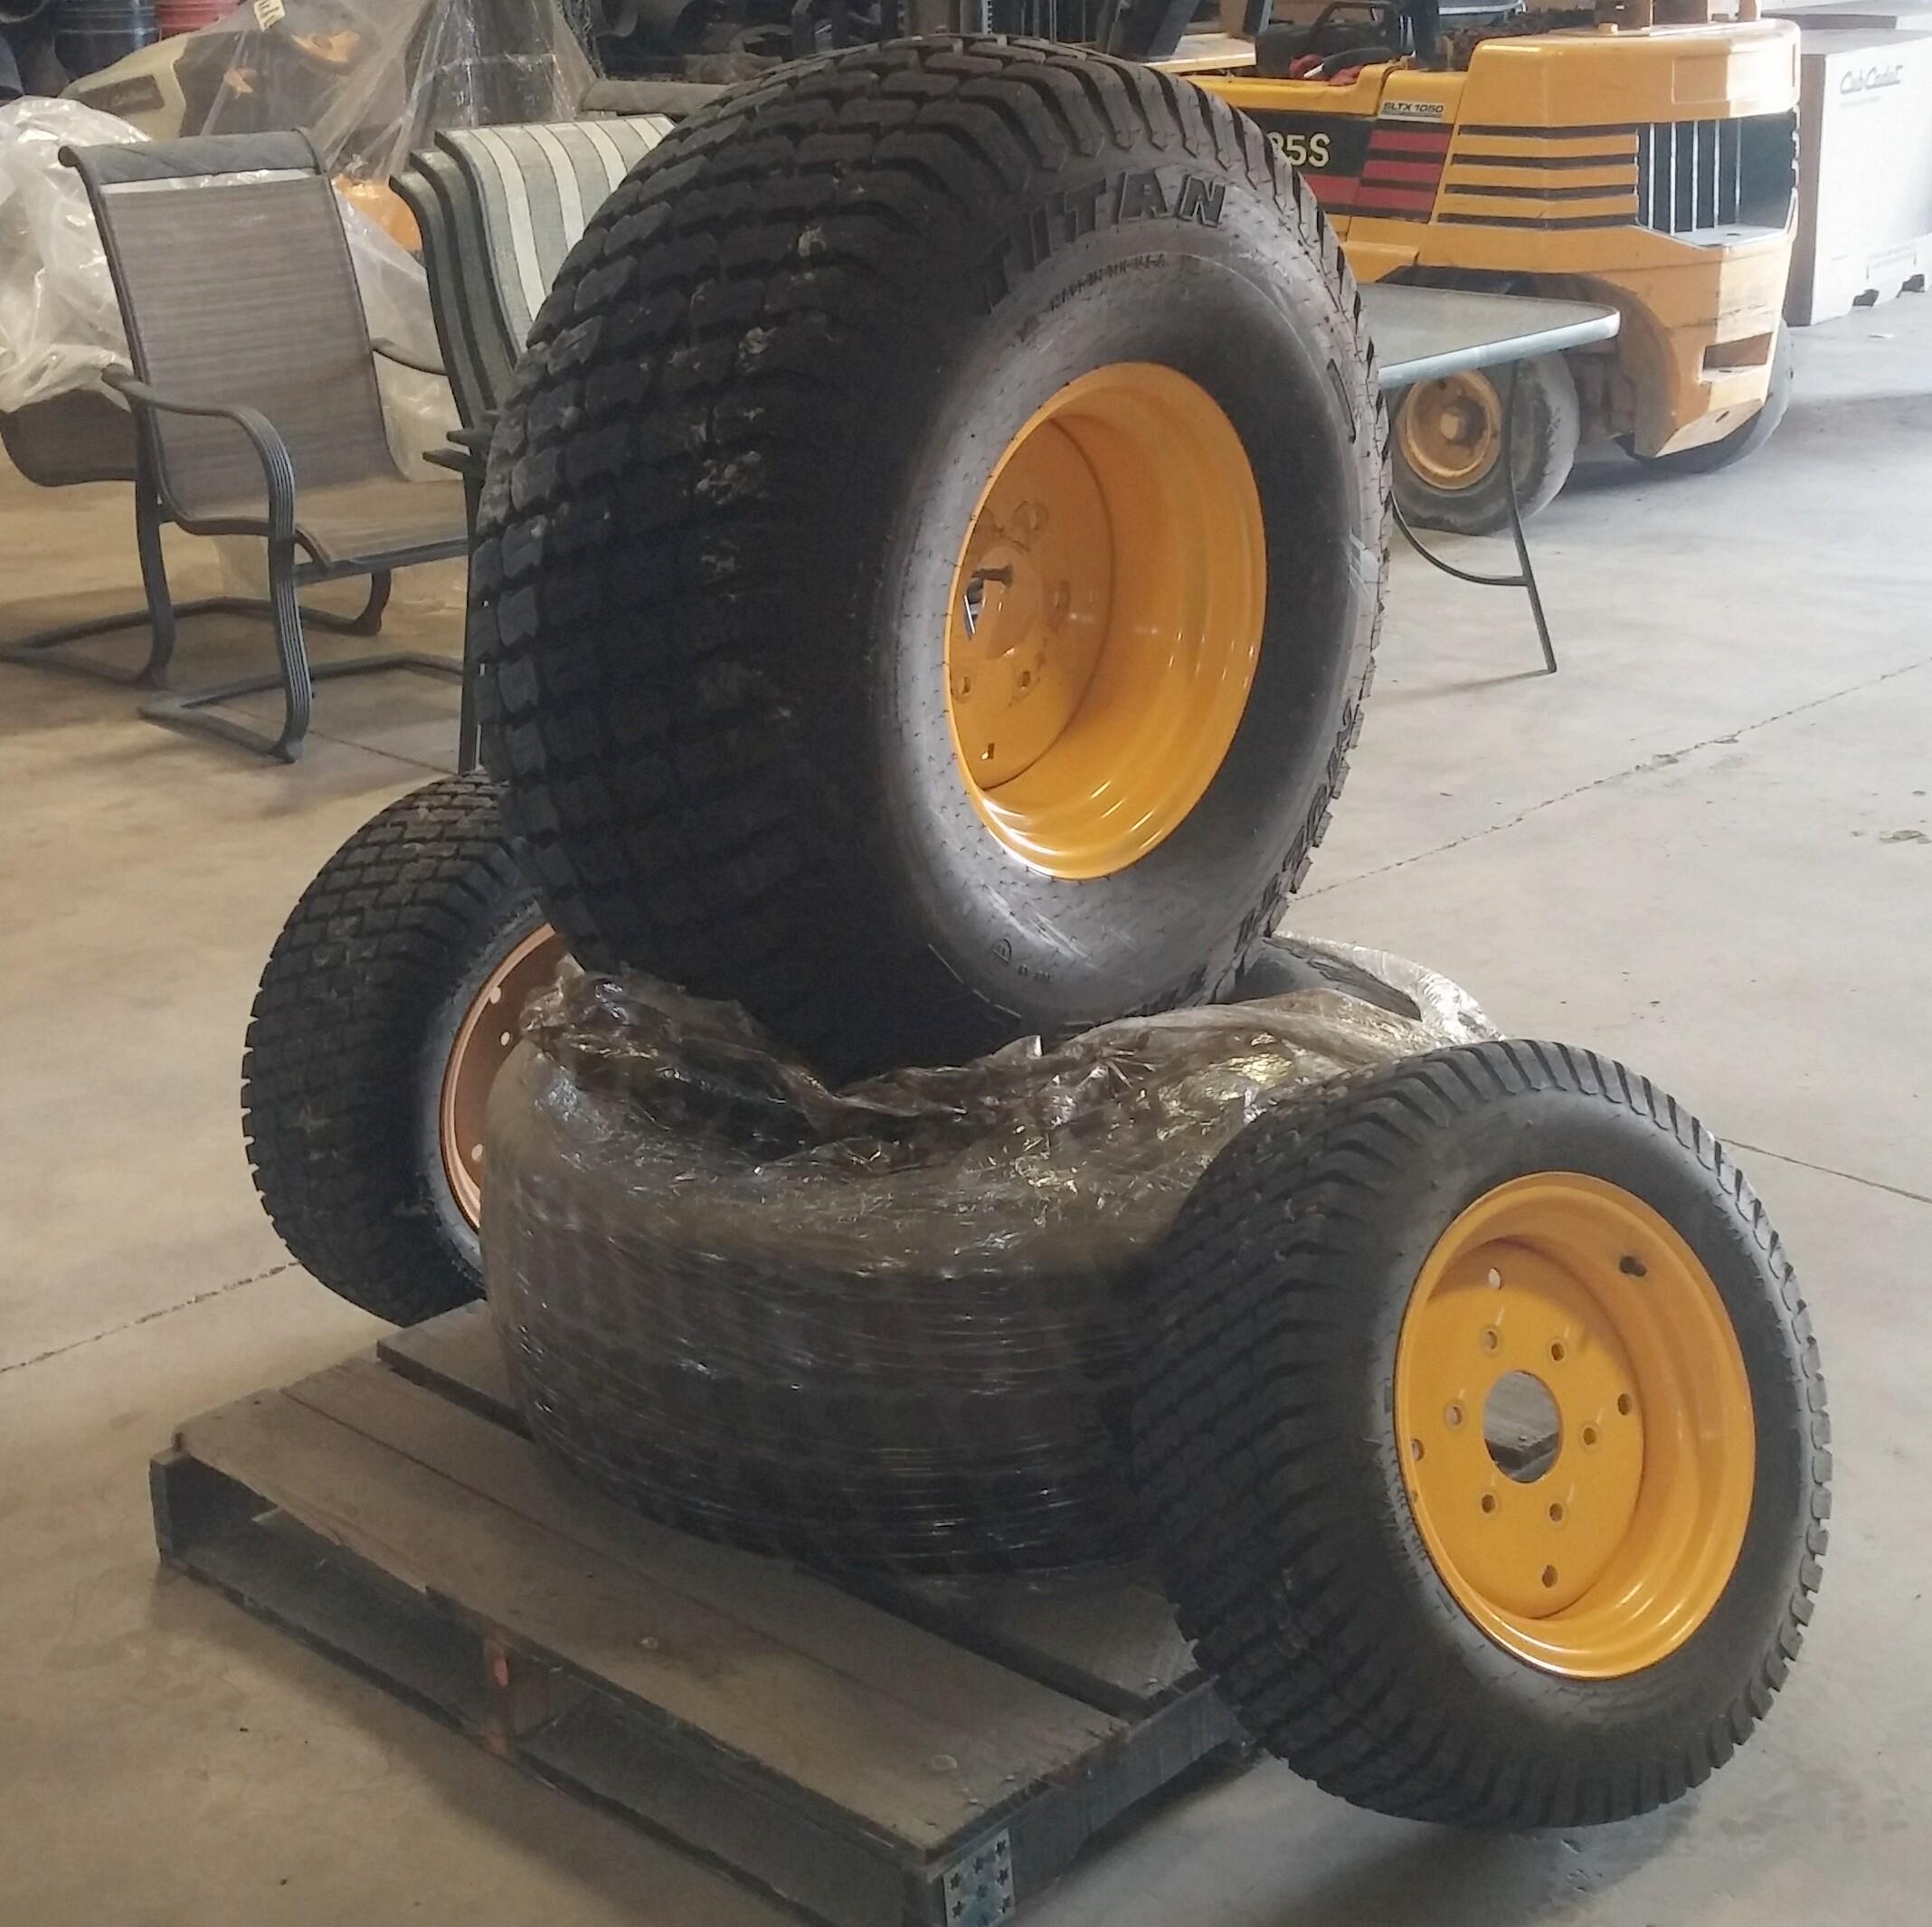 Cub Cadet Dual Wheels : Cub cadet original cadets wheel bushing foot rest